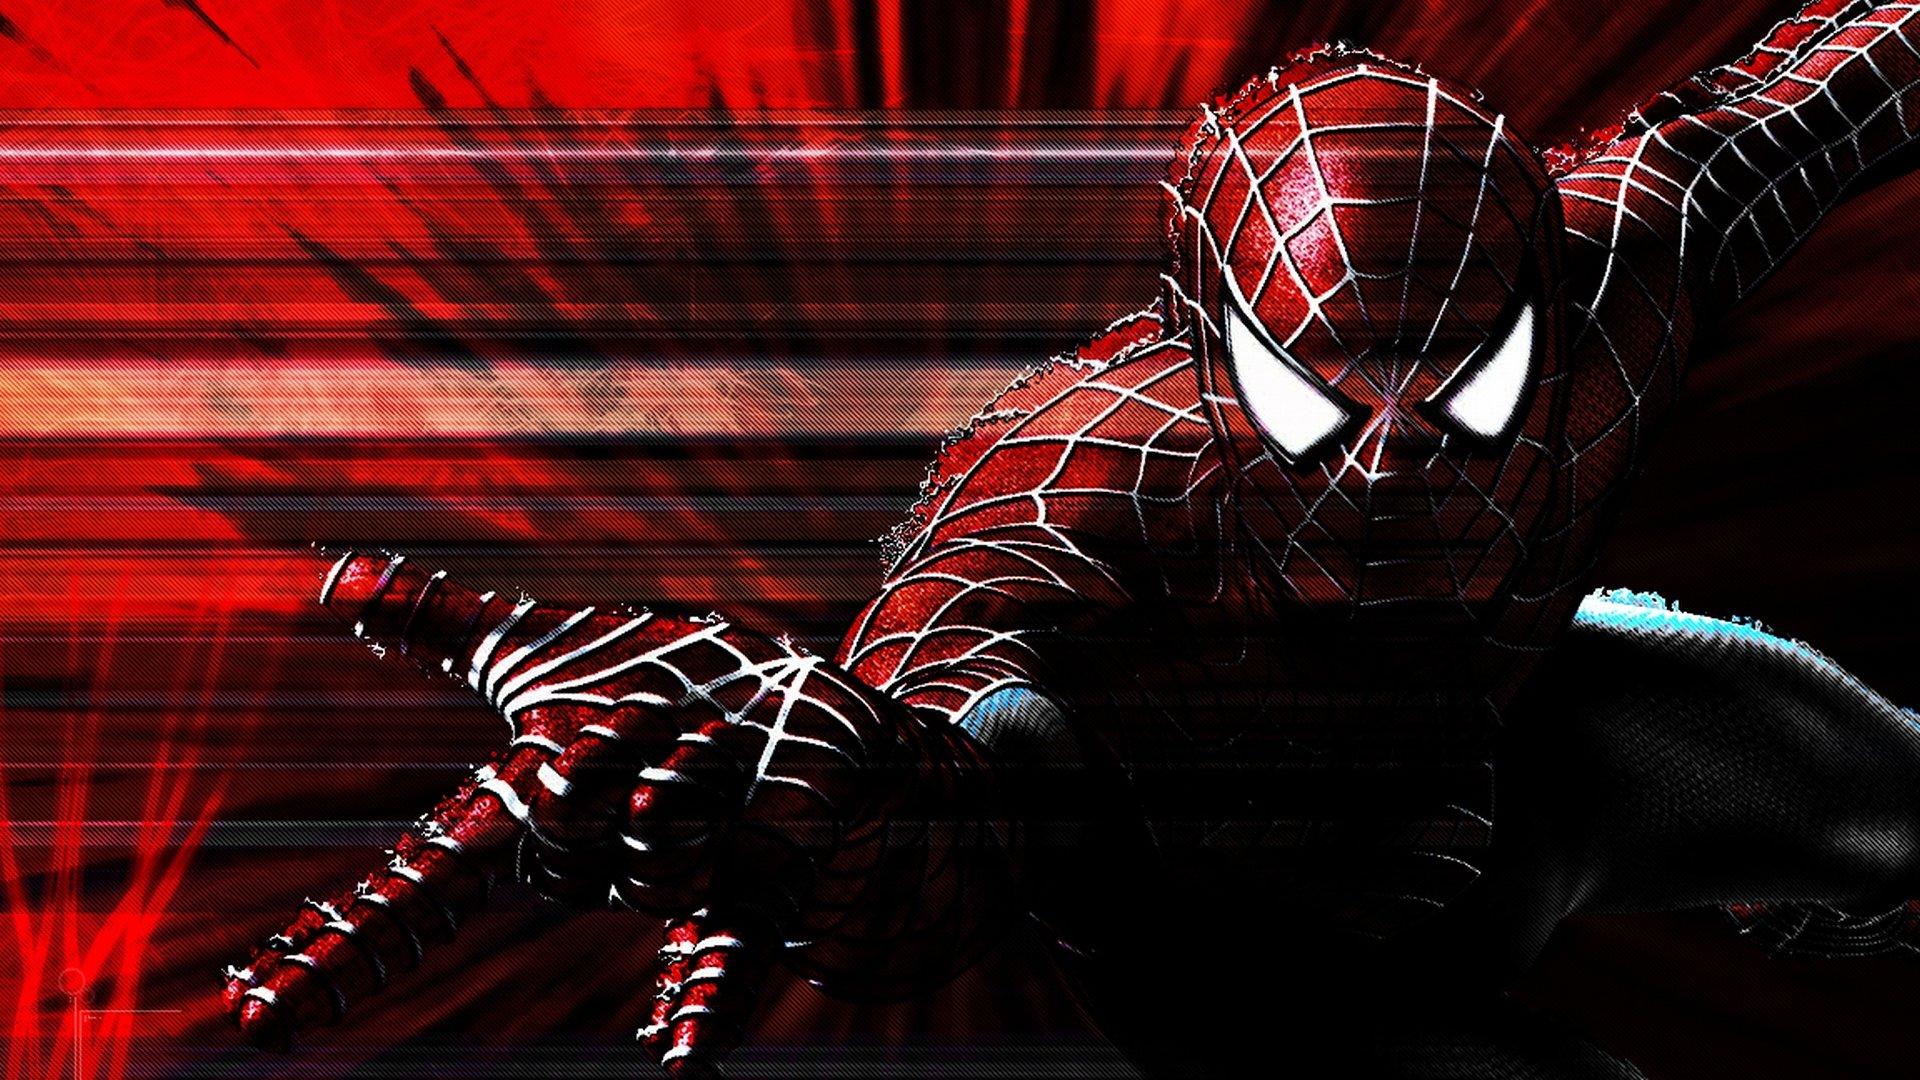 Best Spider Man Movie Wallpaper Id196096 For High